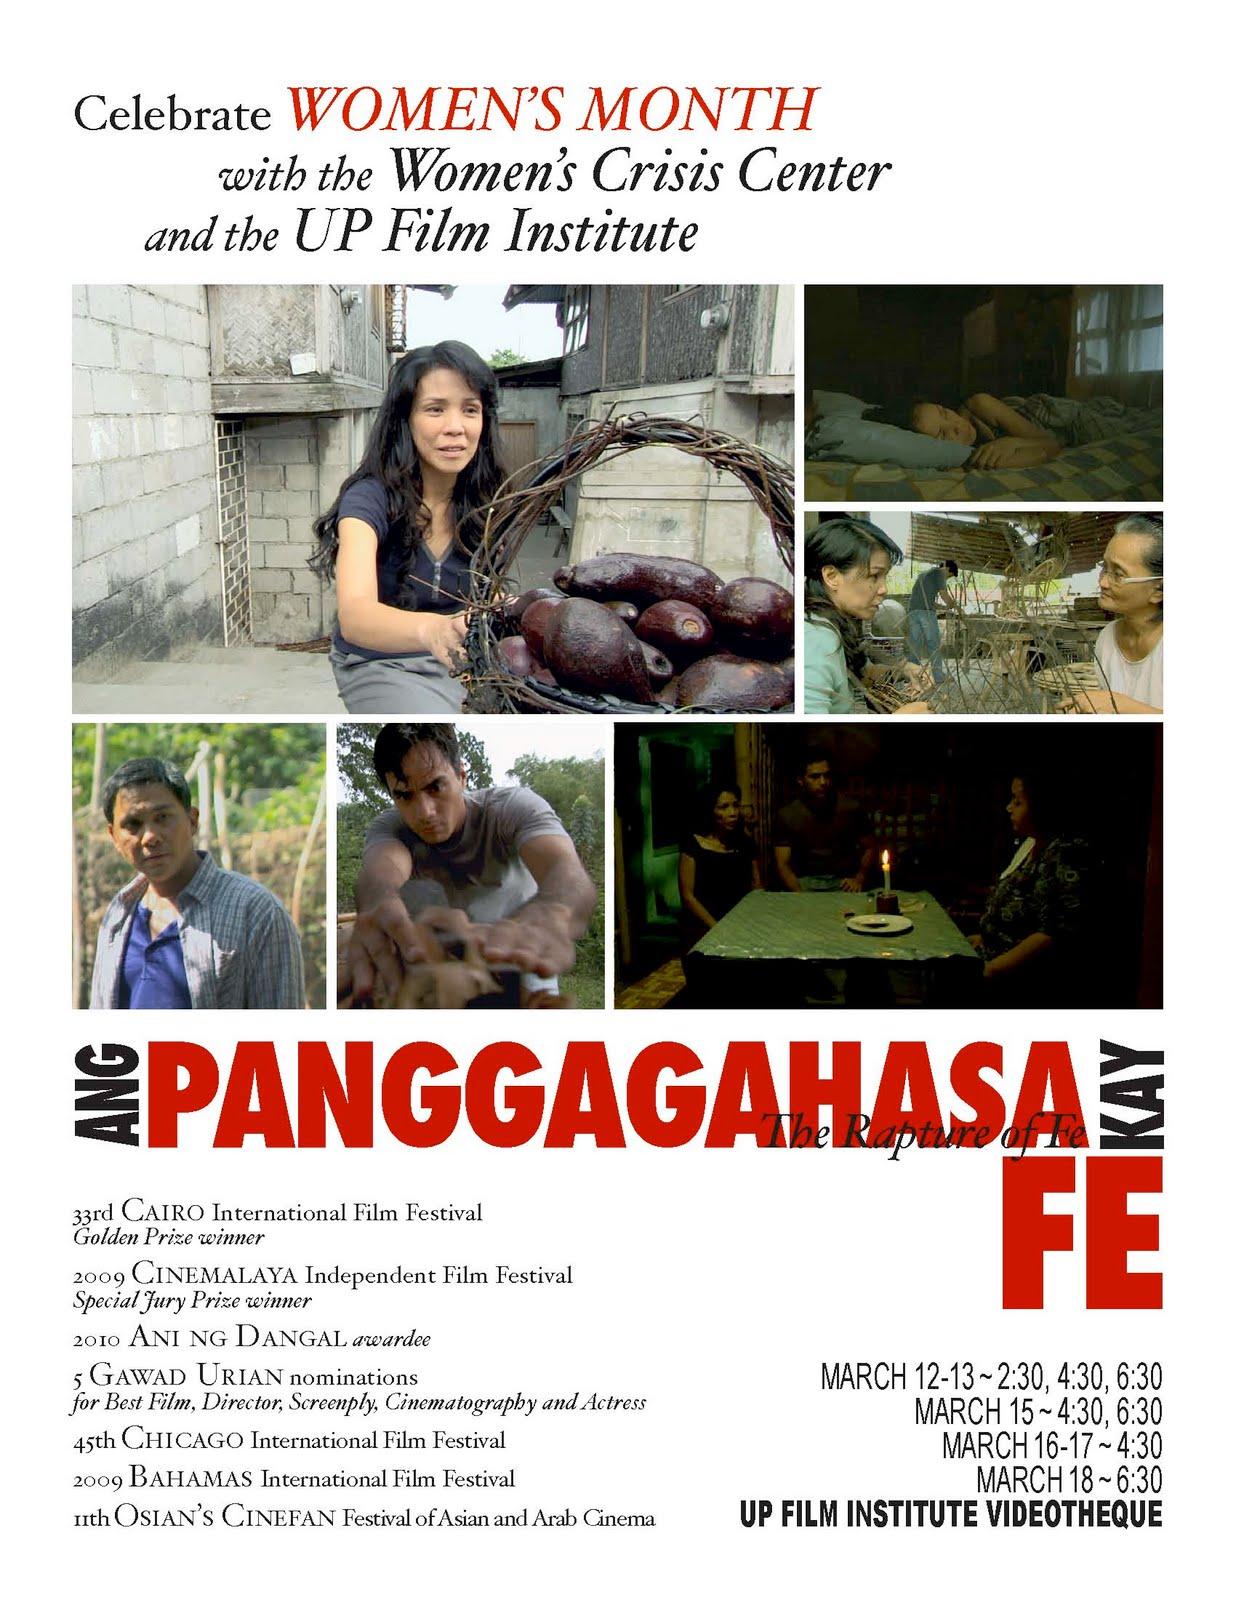 salamin ng lipunan Dlsu kaspil 2 project members: paolo ramos amir tungol jeremiah del rosario gabriel liceralde uno marasigan.